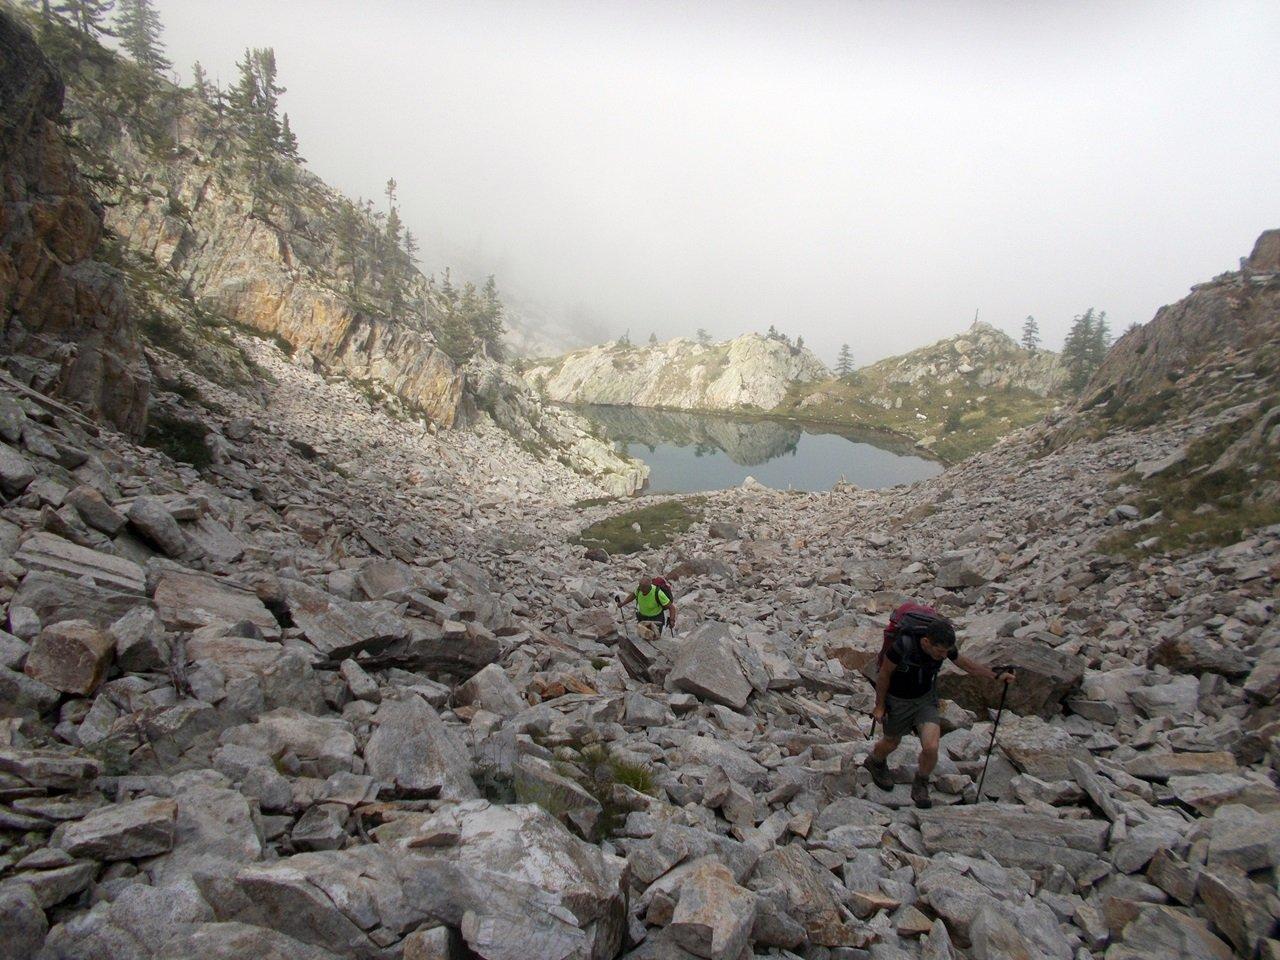 nel canale di pietre dopo il lago